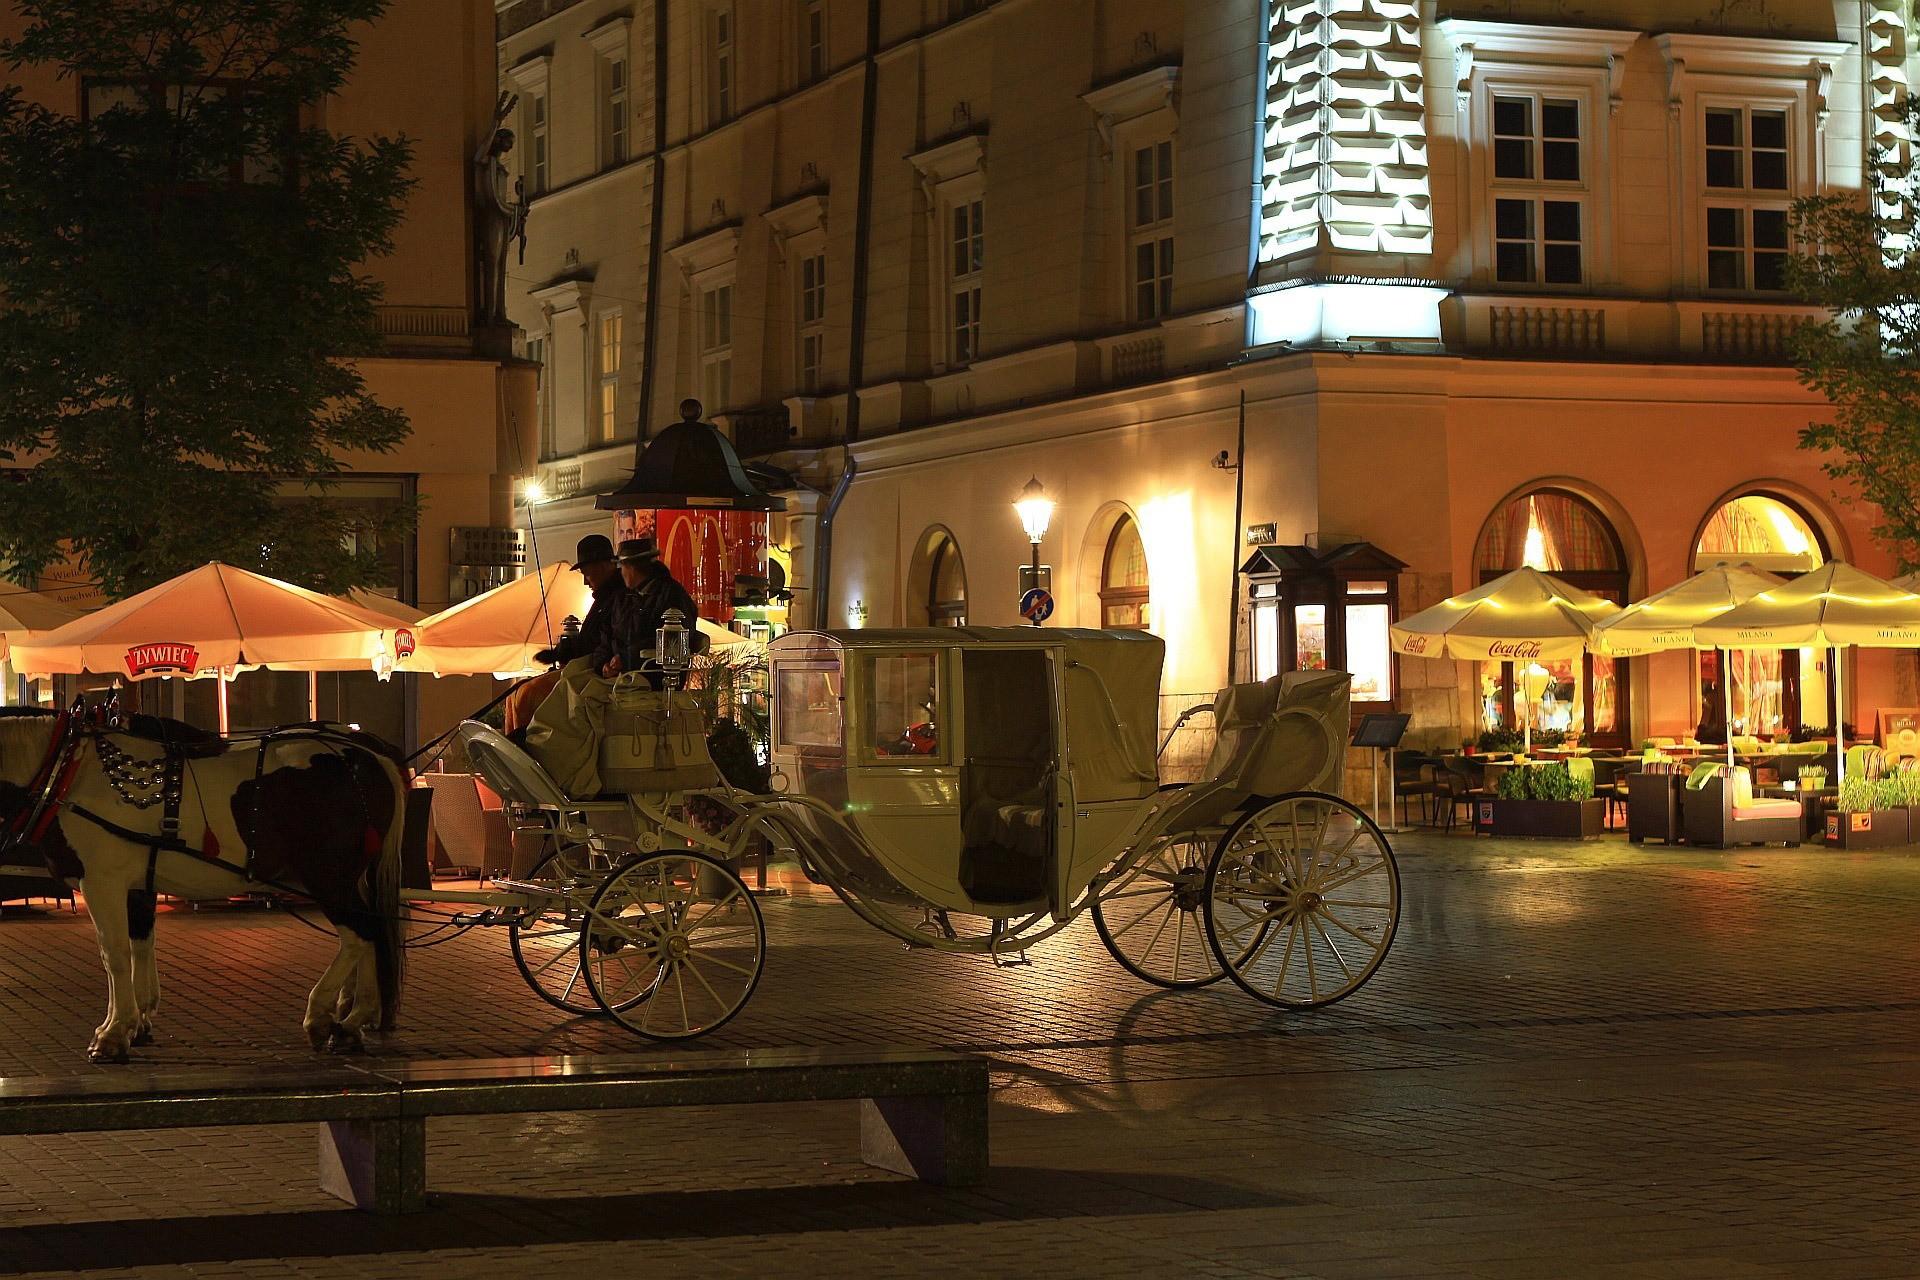 Cracovia, luoghi di interesse - Foto di PublicDomainPictures